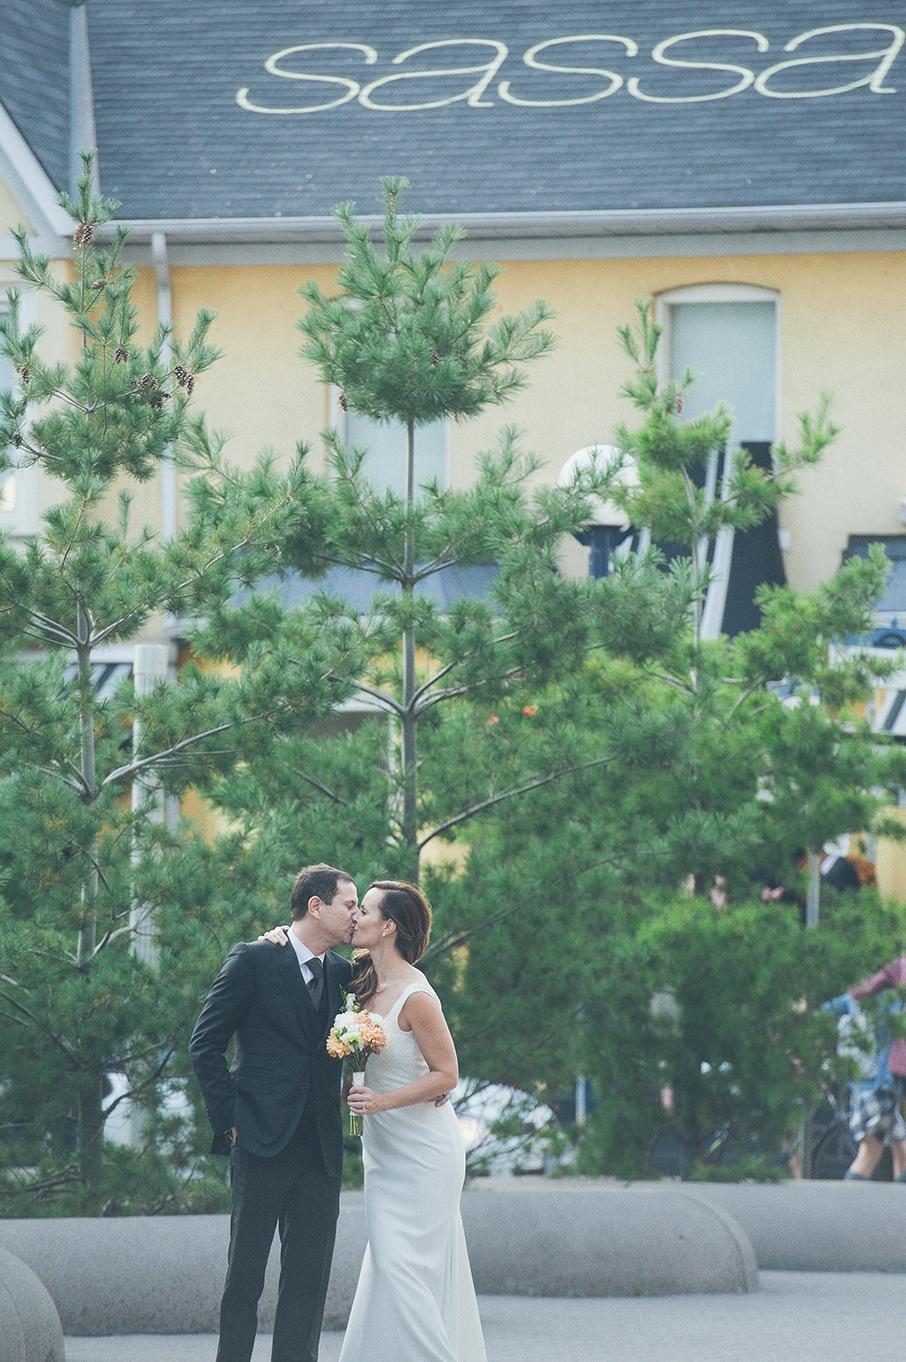 Ann&Pino_Teaser-14.jpg